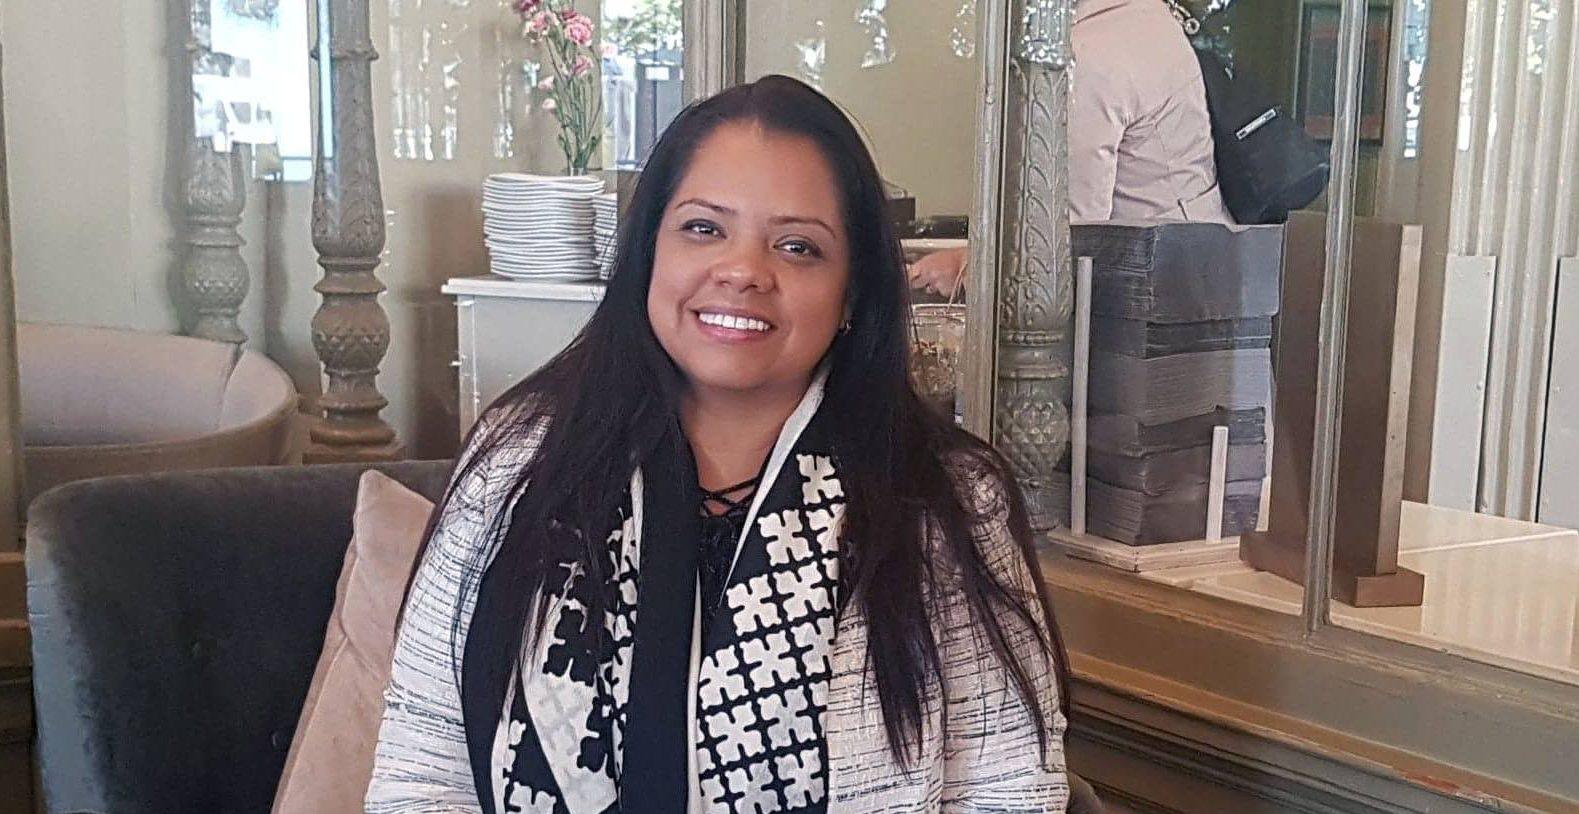 Luz Marina Diaz Jimenez